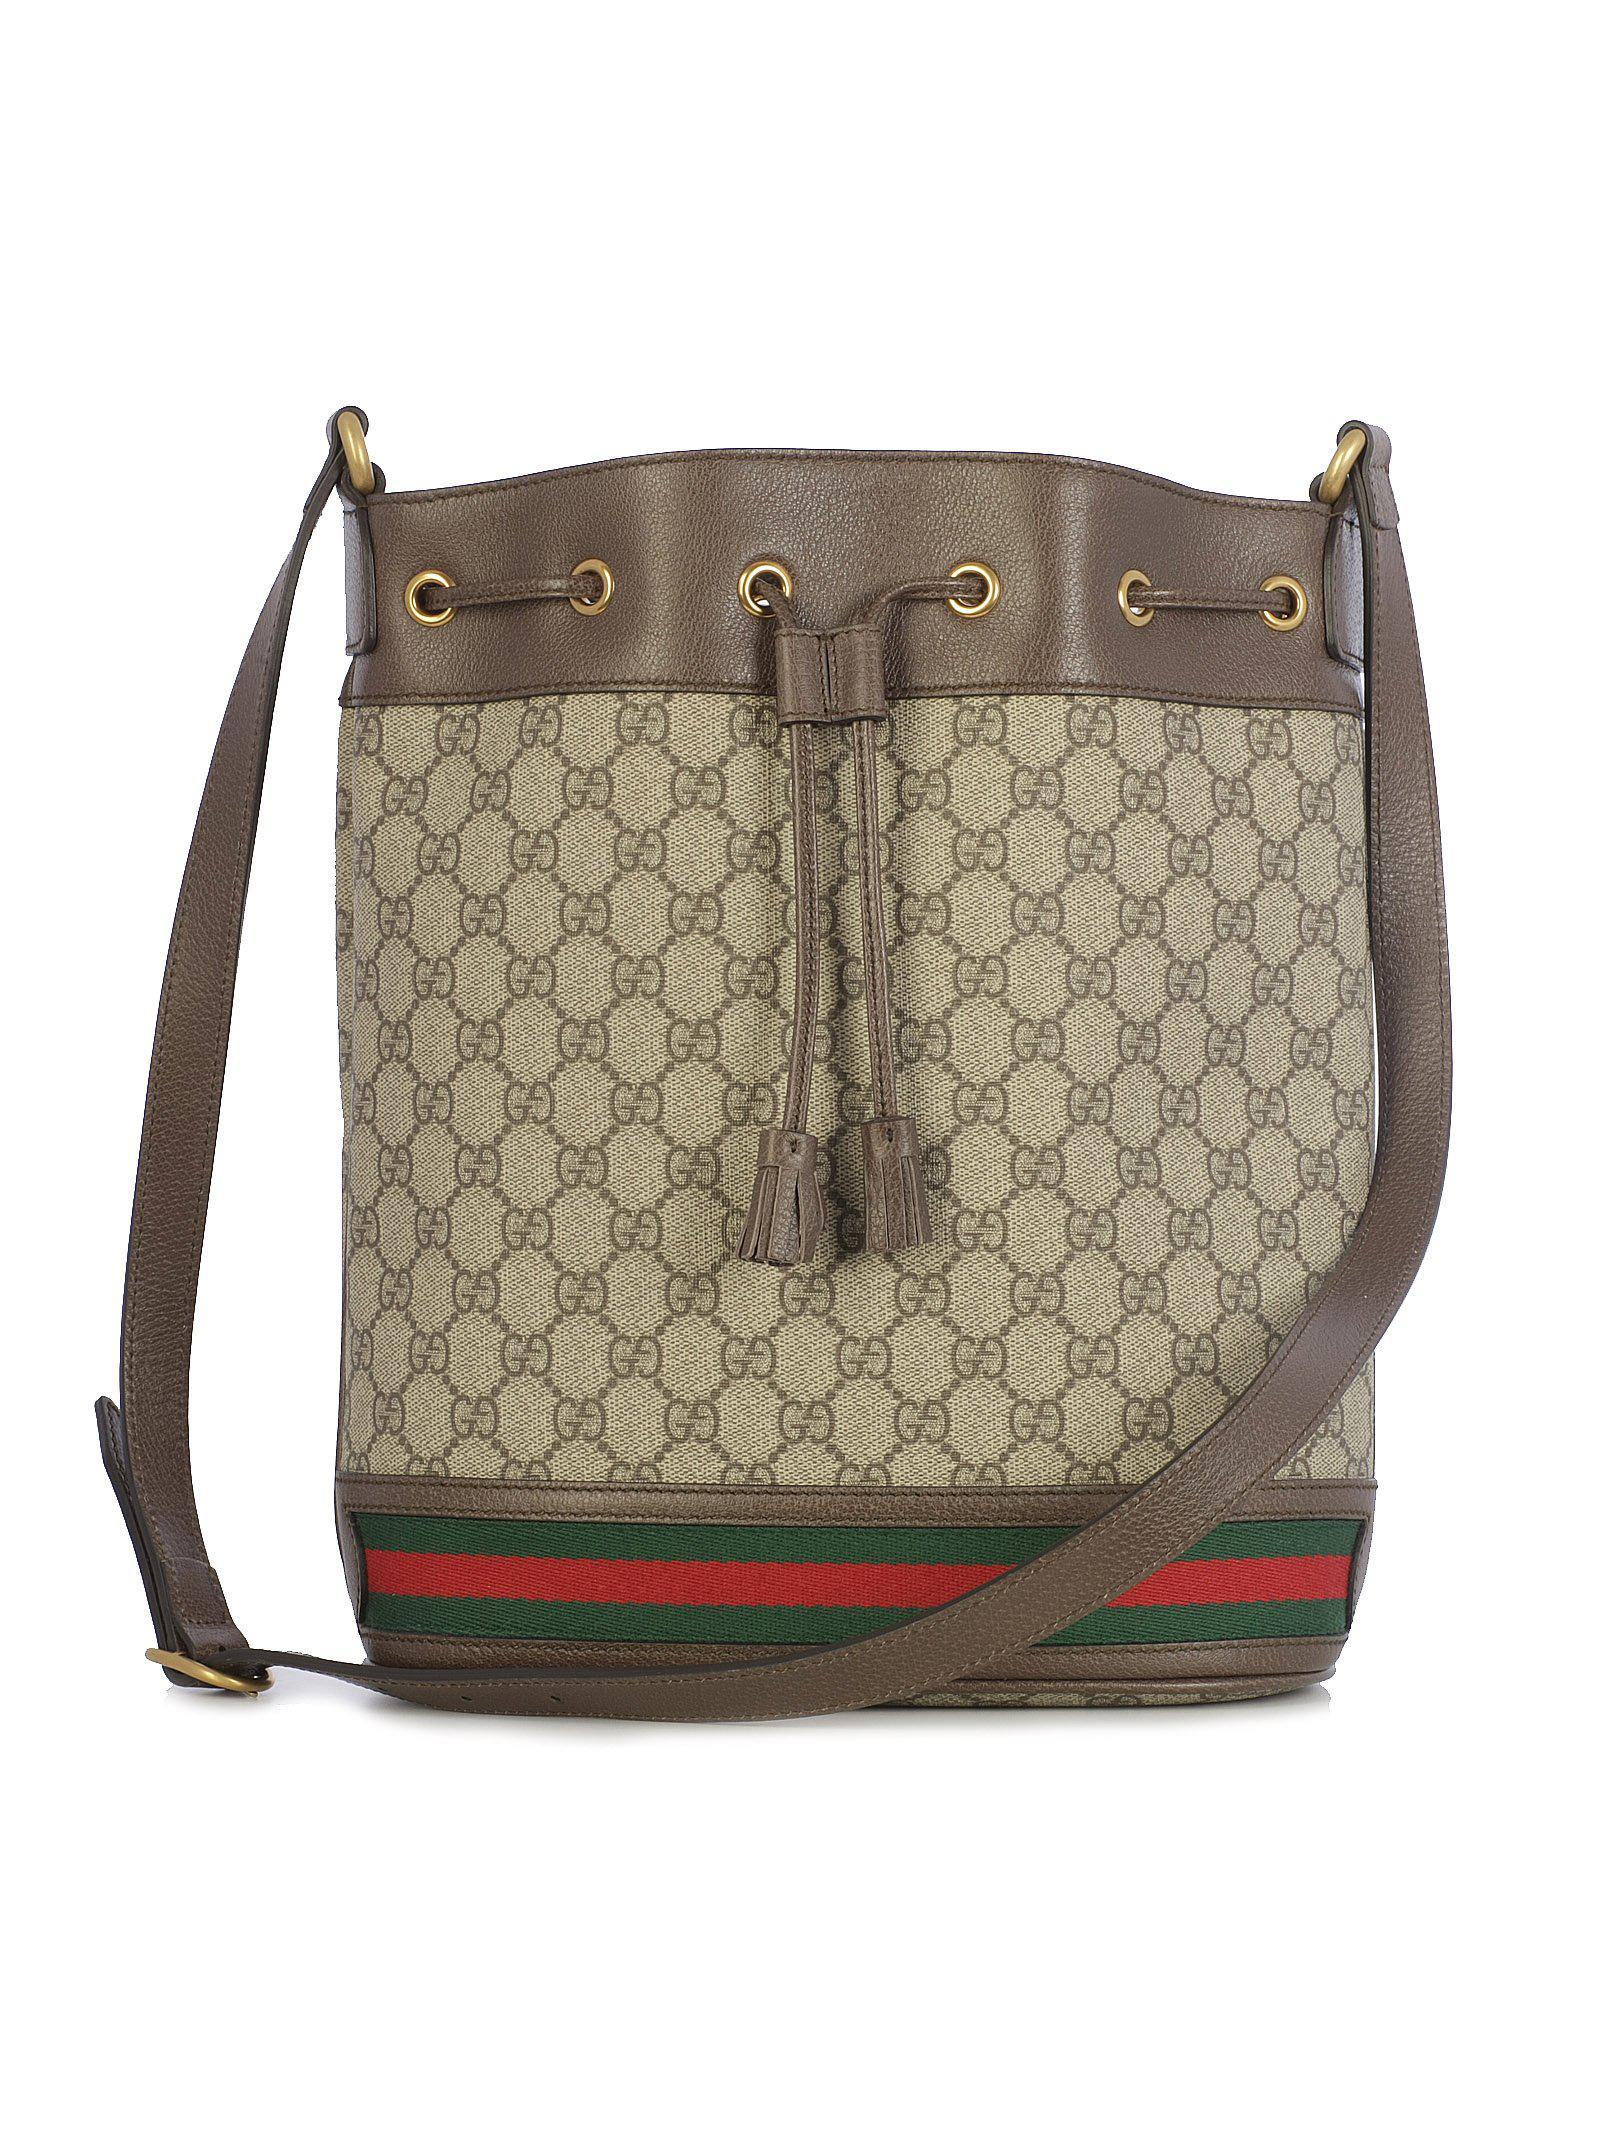 8875c5ec3ce5 Gucci Ophidia Gg Bucket Bag - Lyst